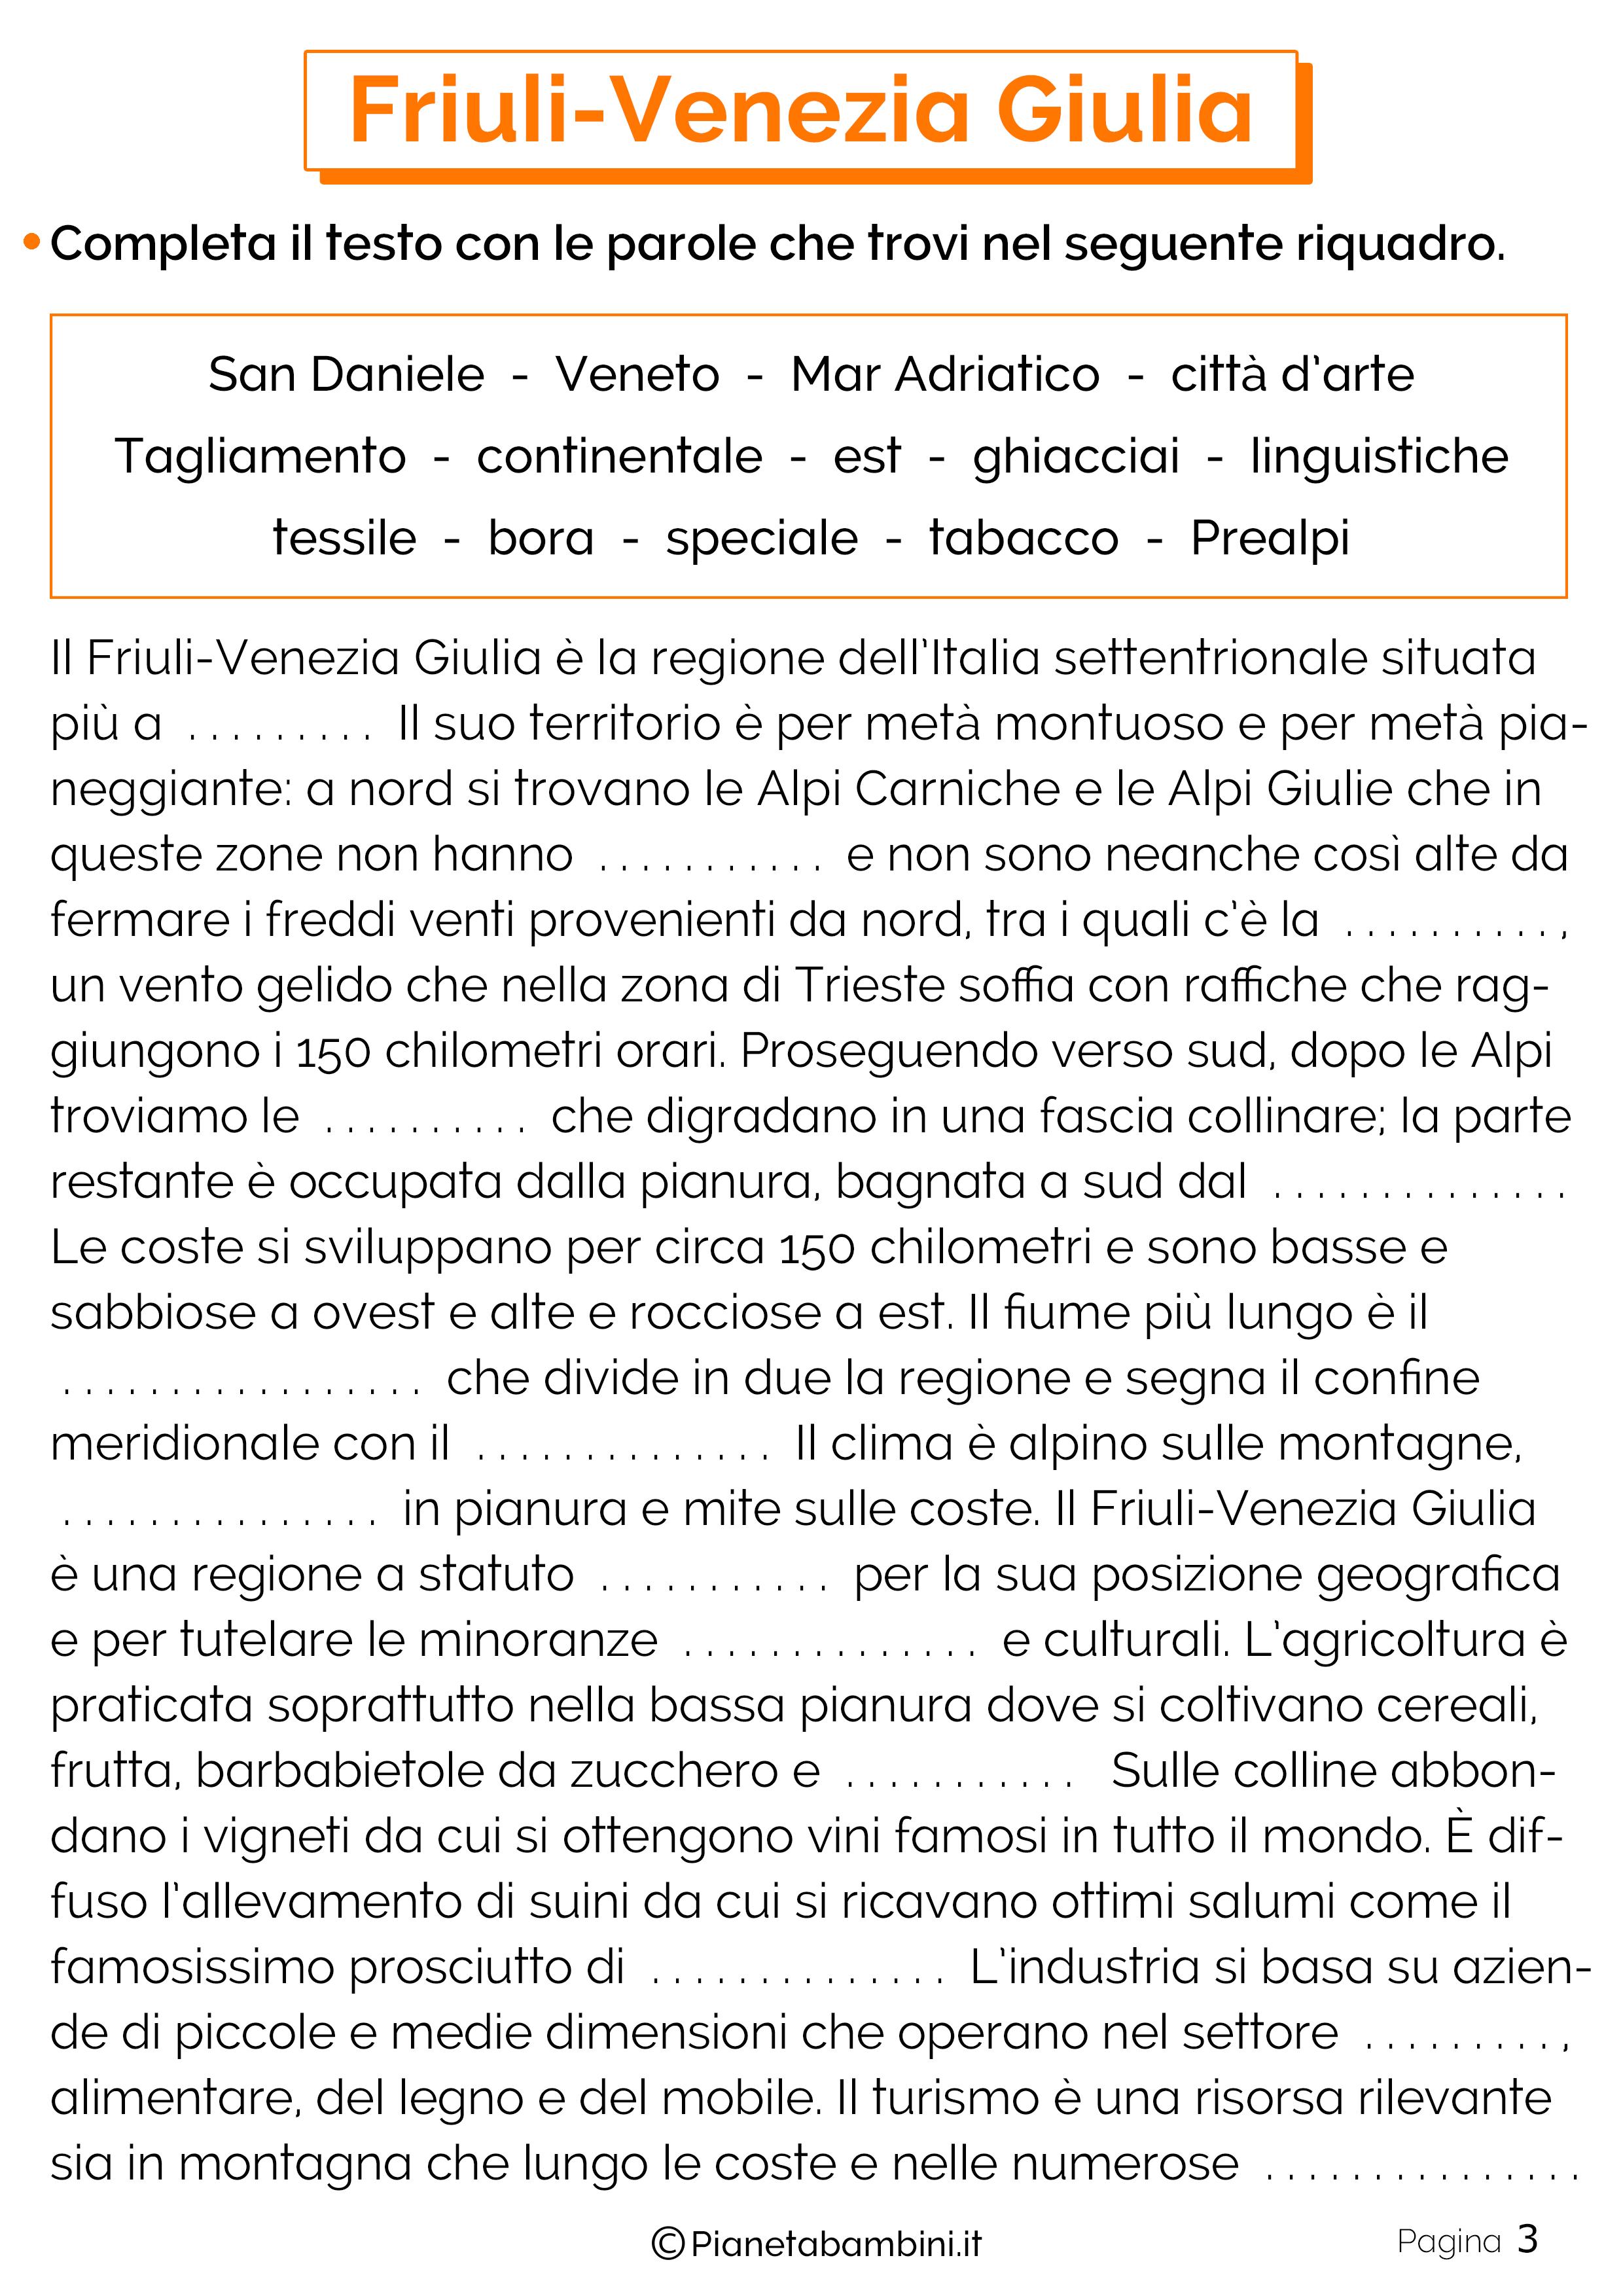 Esercizi sul Friuli-Venezia Giulia 3